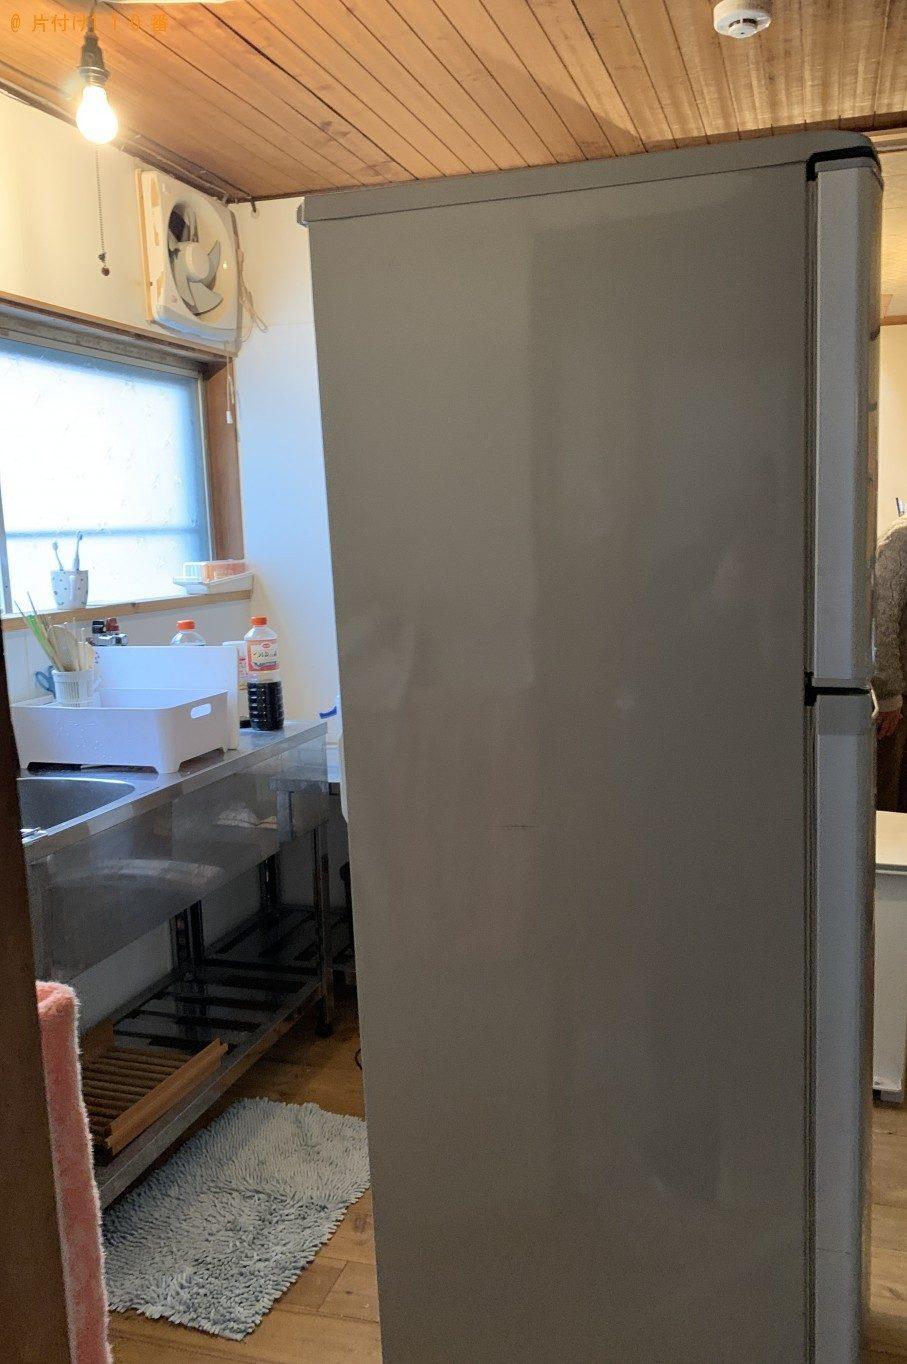 【墨田区】冷蔵庫、洗濯機の回収・処分ご依頼 お客様の声